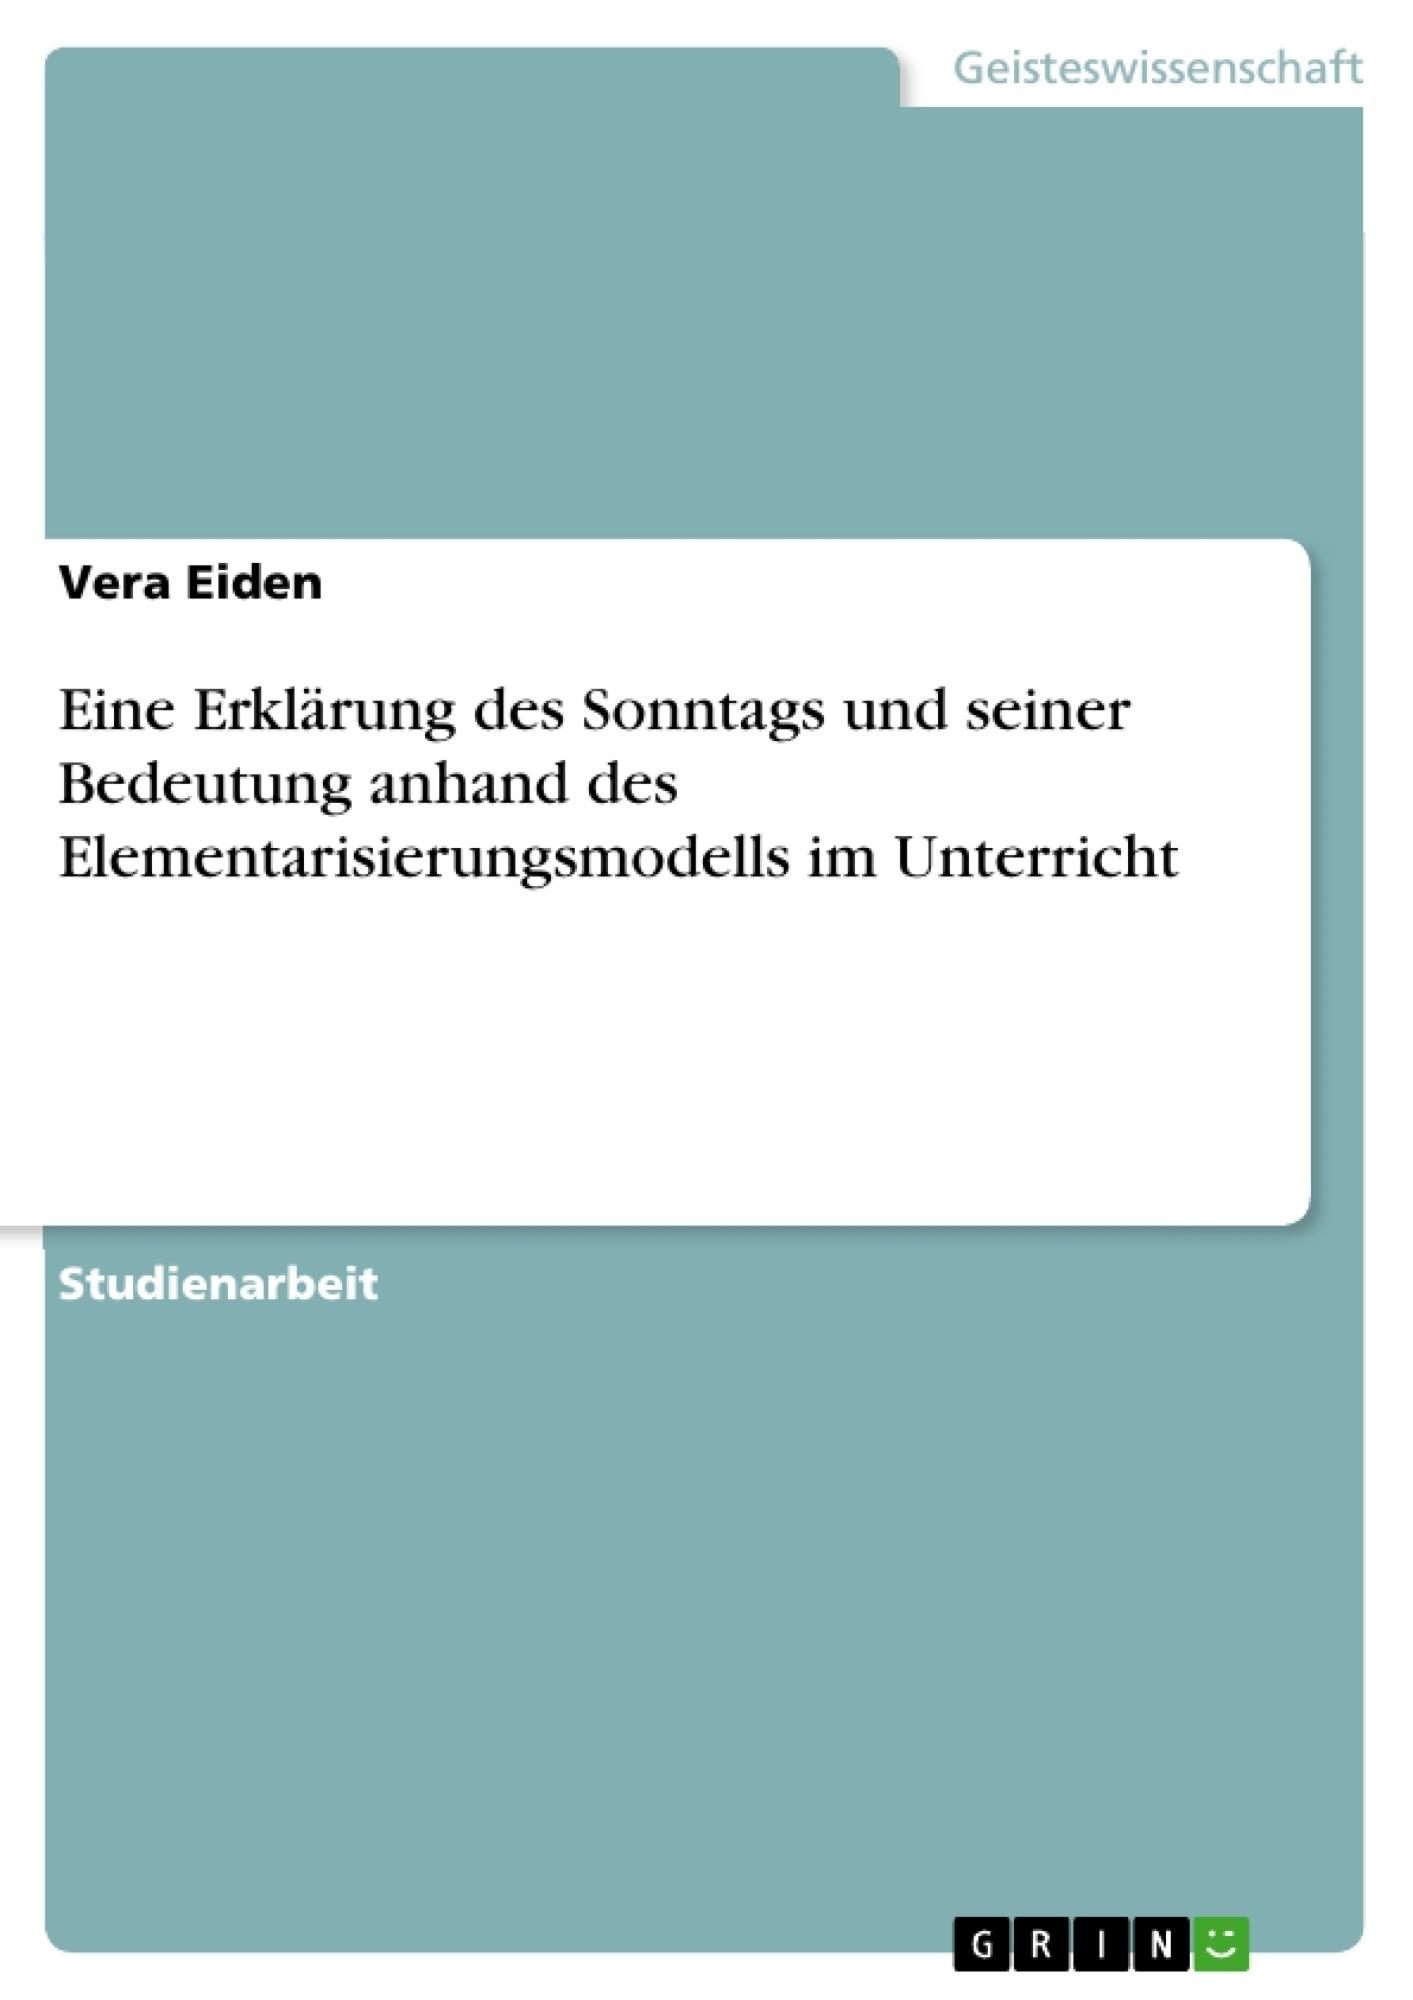 Titel: Eine Erklärung des Sonntags und seiner Bedeutung anhand des Elementarisierungsmodells im Unterricht